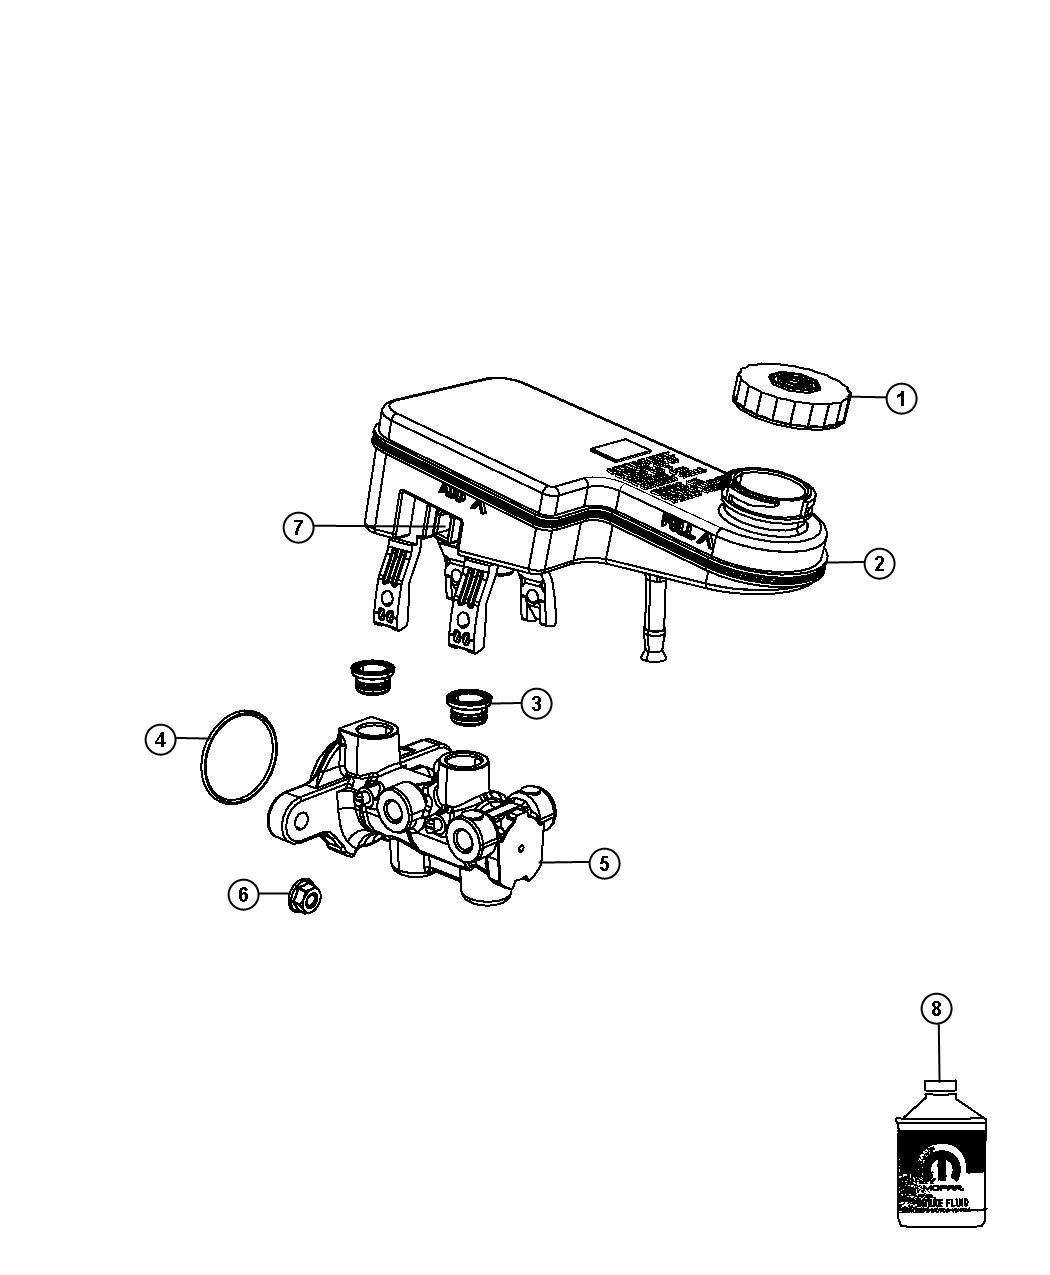 Chrysler 200 Reservoir Brake Master Cylinder